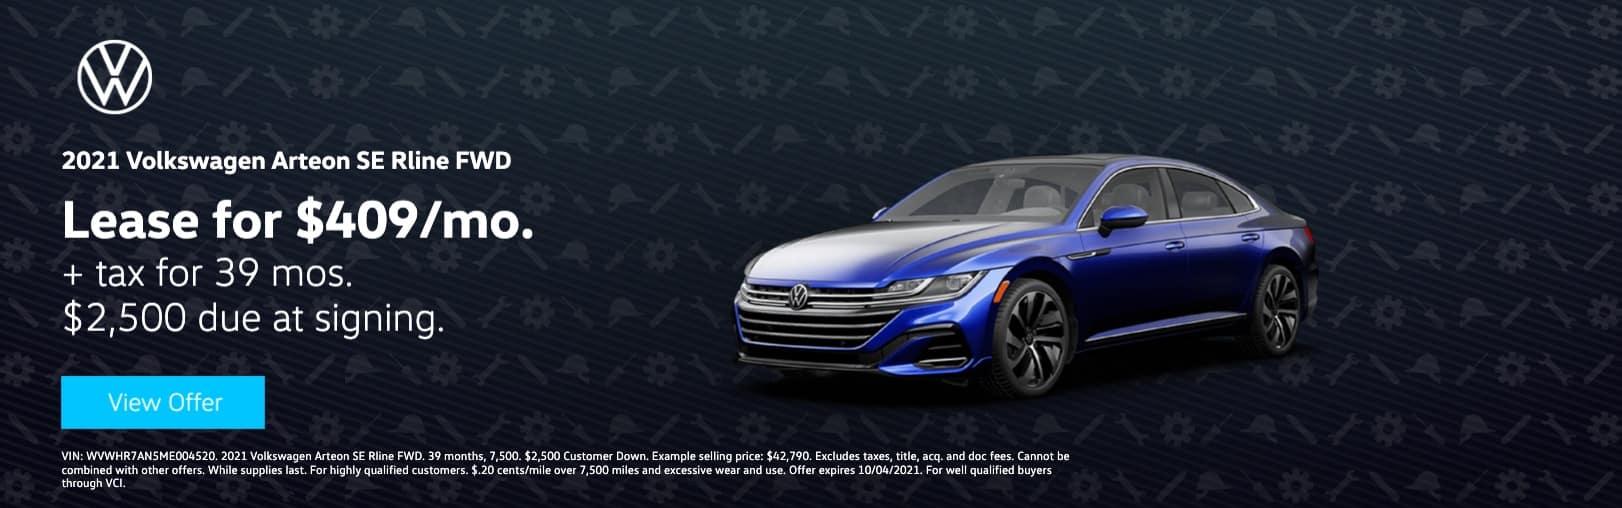 Volkswagen South Coast_test_website_wvwhr7an5me004520_1622 x 508_2021_volkswagen_arteon_se rline fwd__4